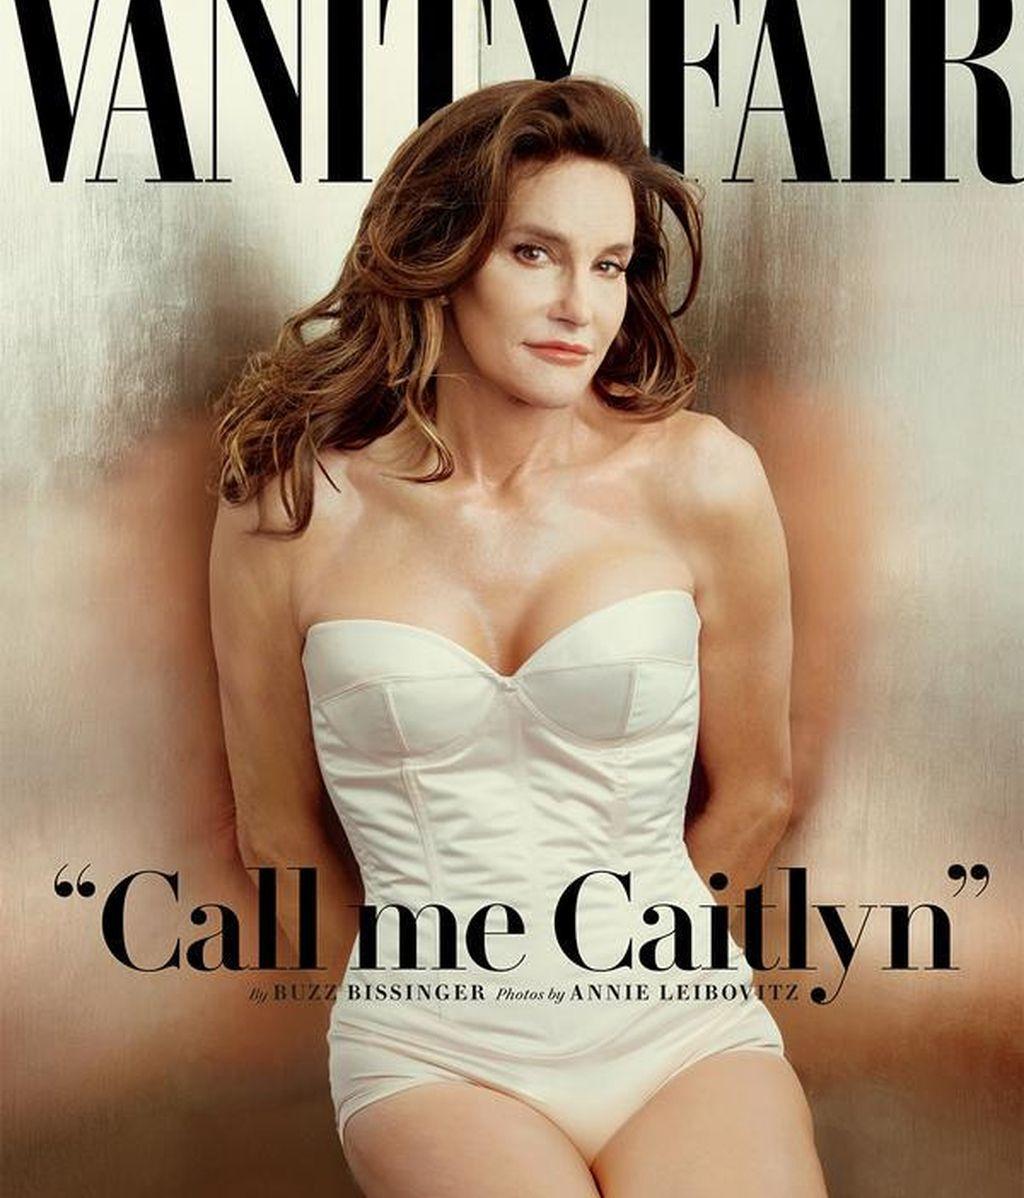 """El padrastro de las hermanas Kardashian: """"Llamarme Caitlyn"""""""